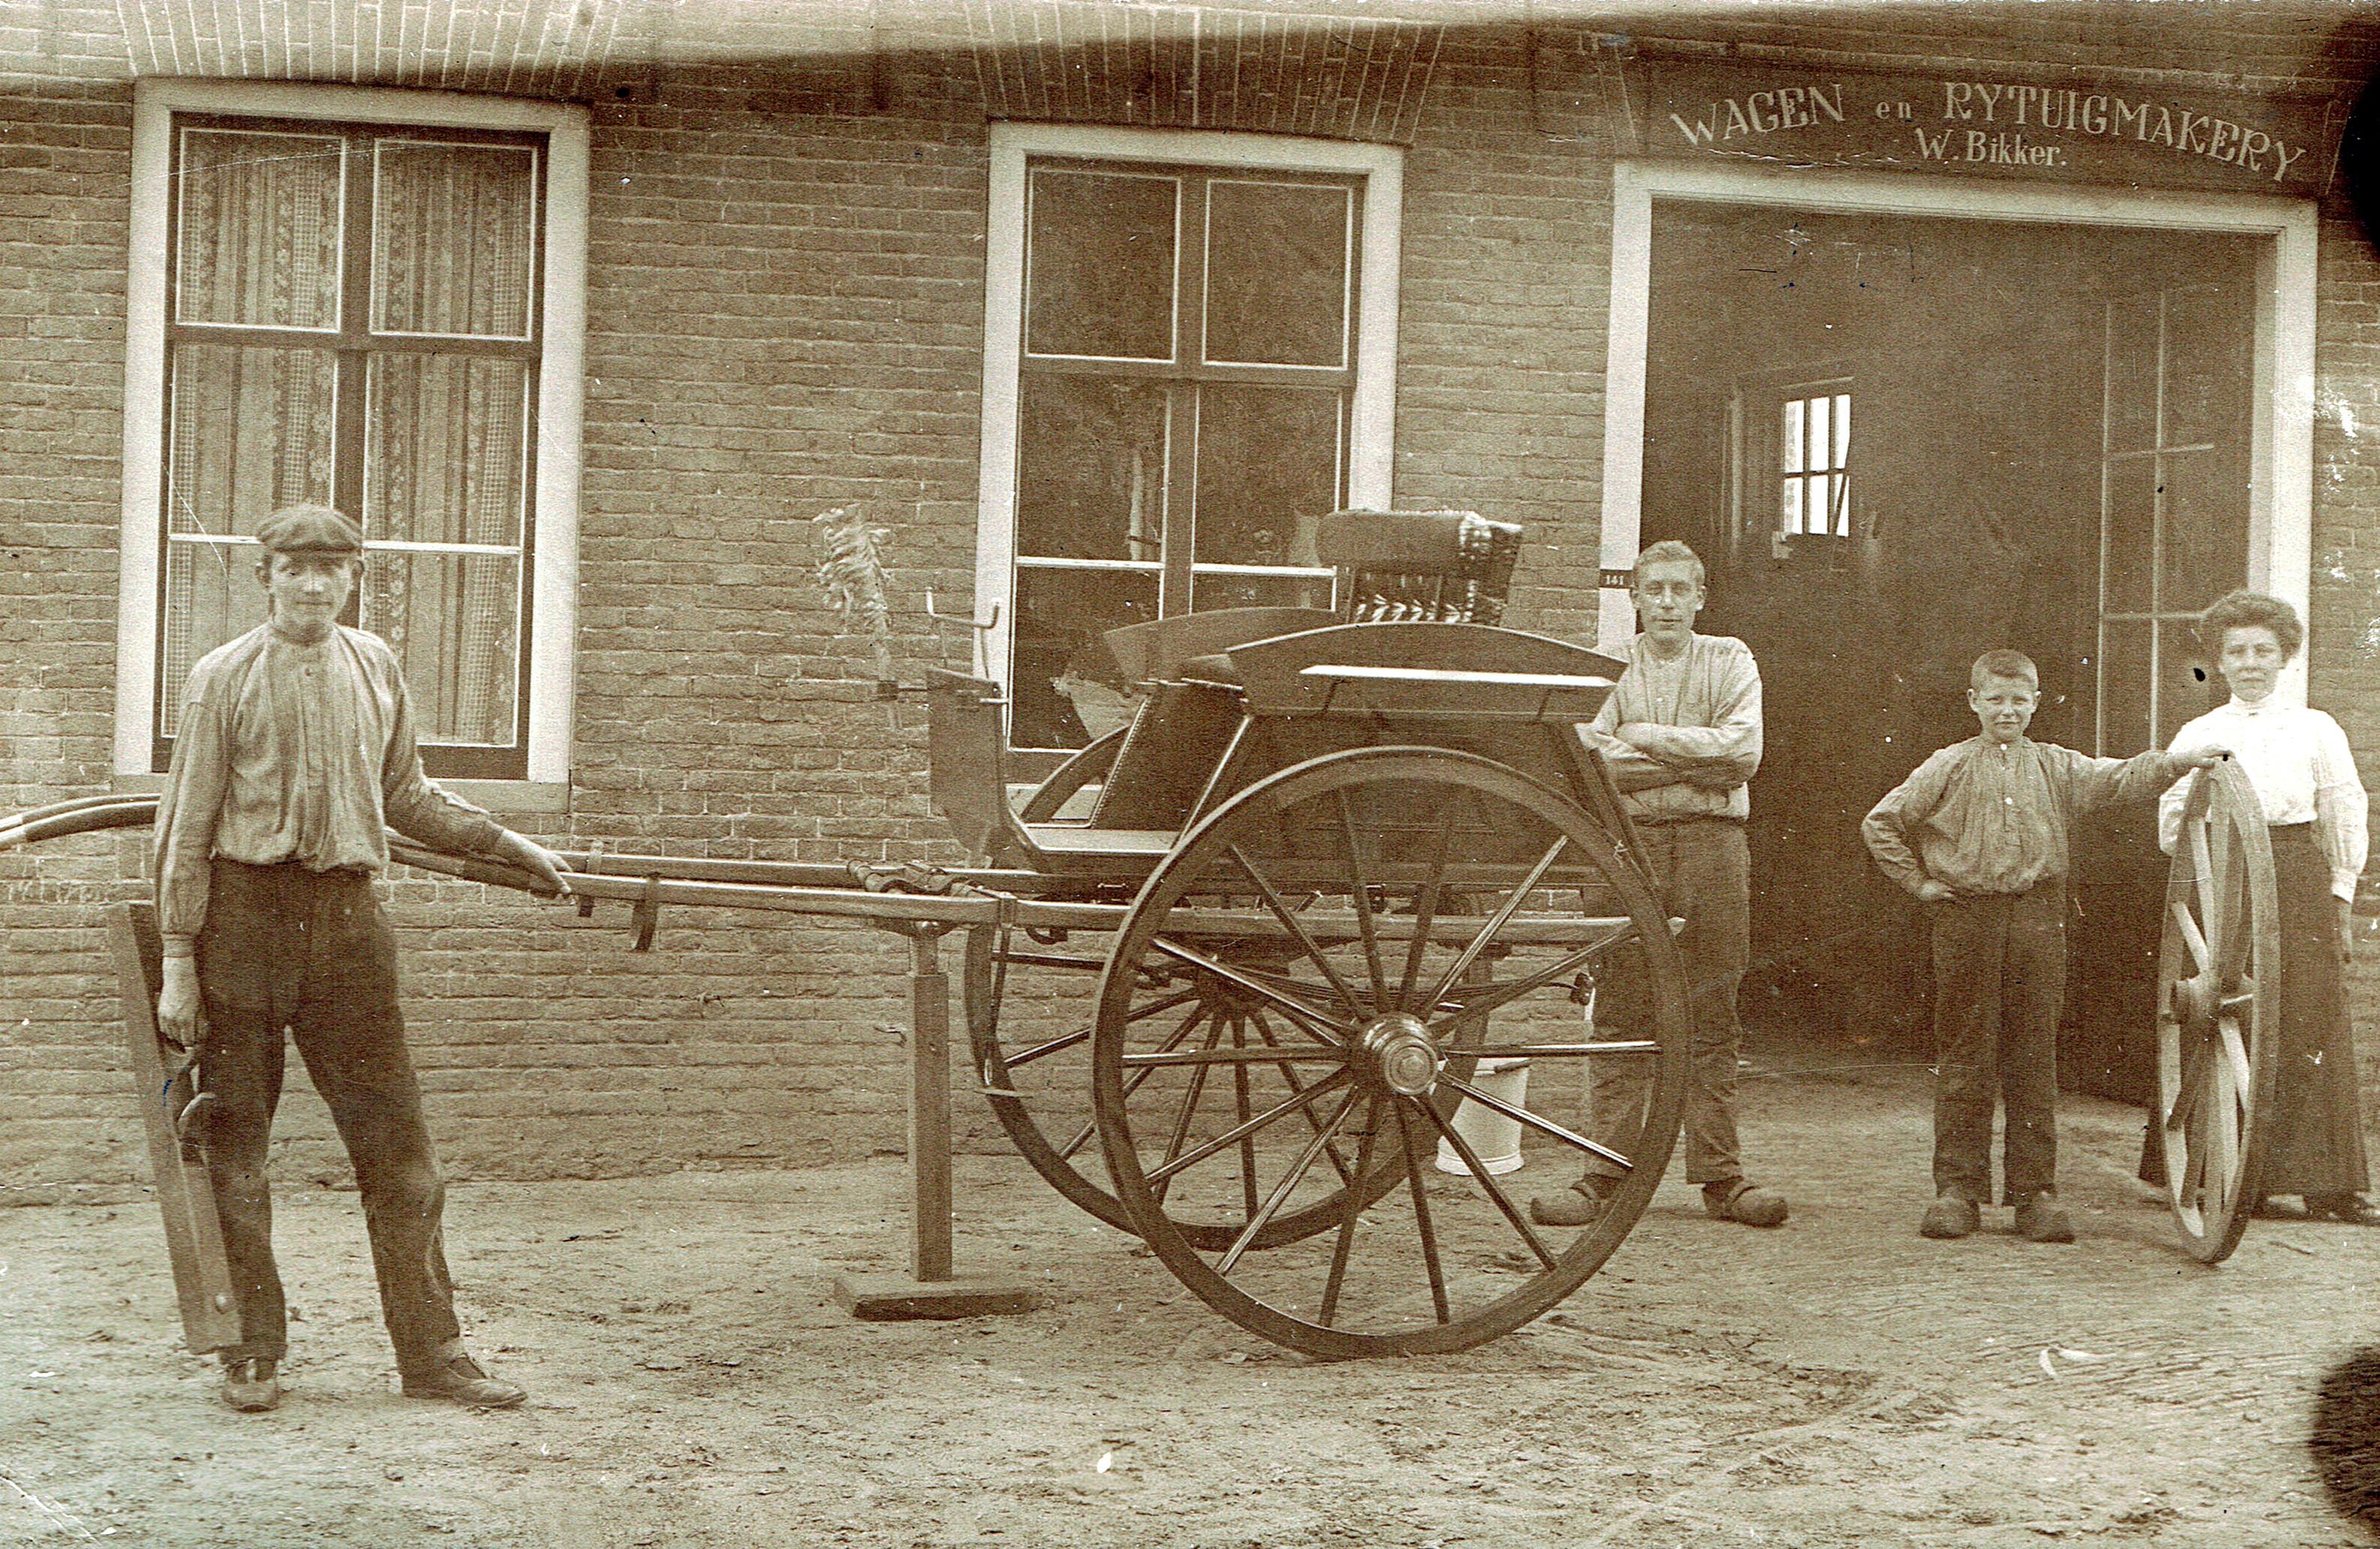 eerste-wagen--die-Willem-mijndert-Bikker-heeft-gemaakt--Voor-de-wagenmakerij-aan-De-Laak-staan-hier--Janus-Merkerk--Meindert-Bikker--Gijs-Chaigneau-en-Grietje-Bikker